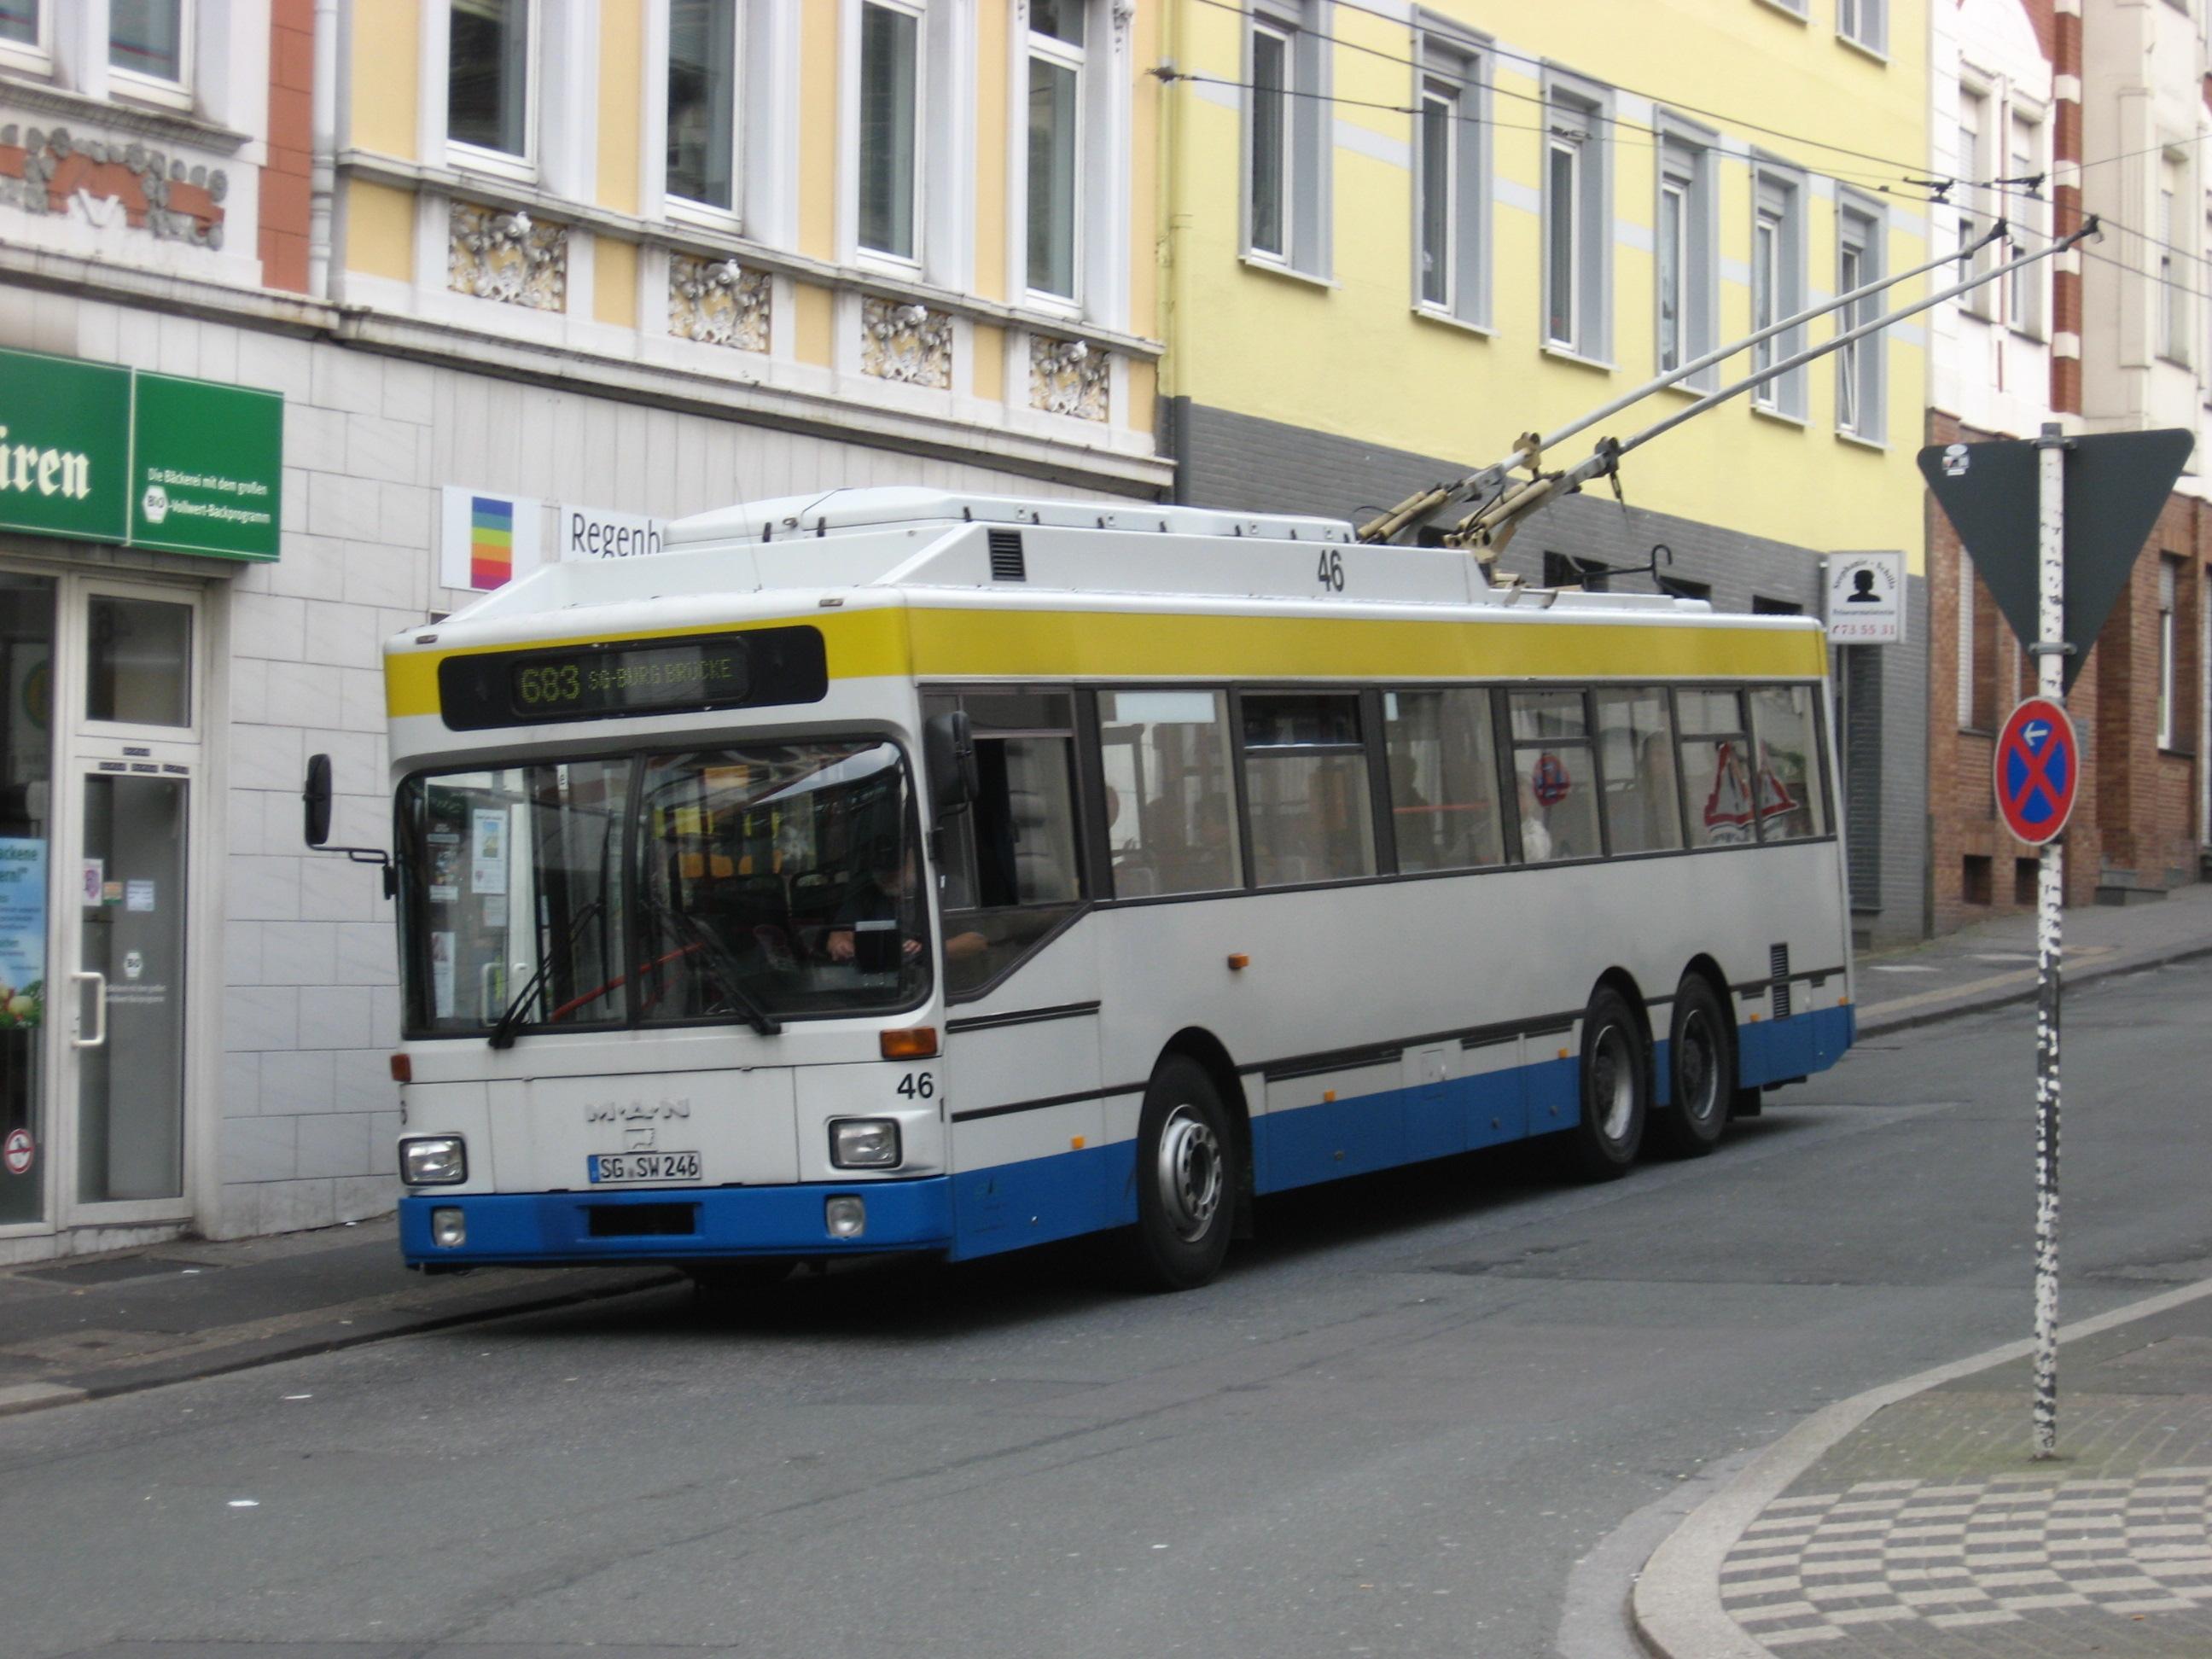 Afbeeldingsresultaat voor wuppertal trolleybus